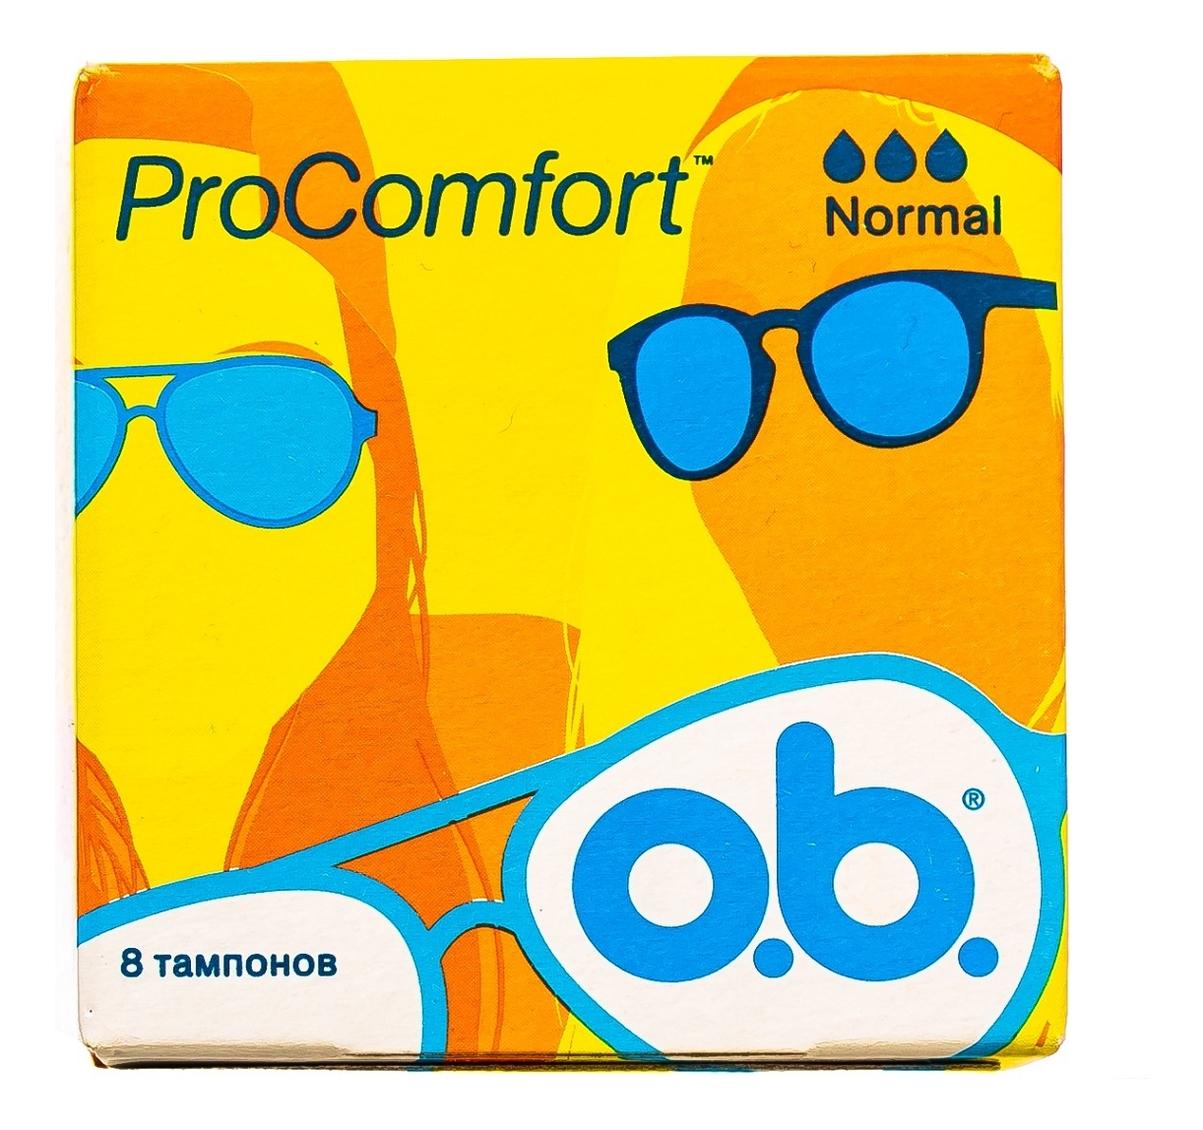 Купить Тампоны гигиенические ProComfort Normal: Тампоны 8шт, o.b.